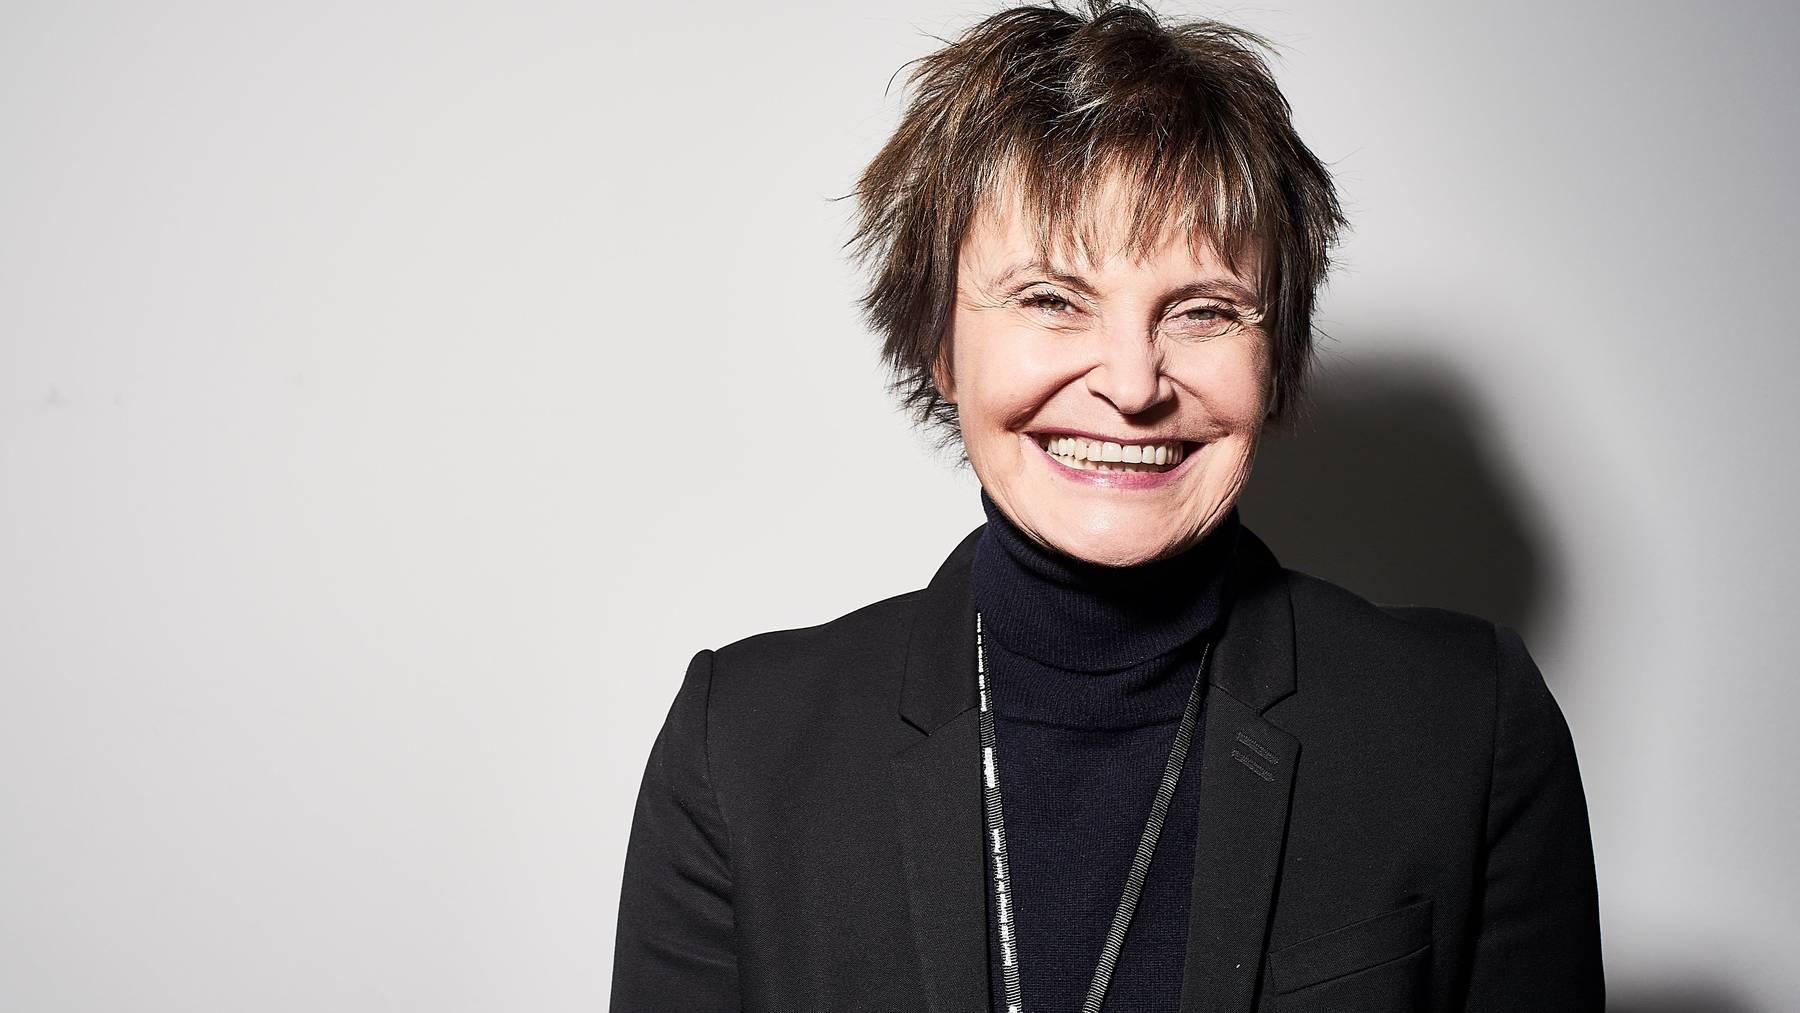 Ist gegen Waffenexporte: Die frühere Schweizer Aussenministerin Micheline Calmy-Rey war von 2003 bis 2011 im Bundesrat.